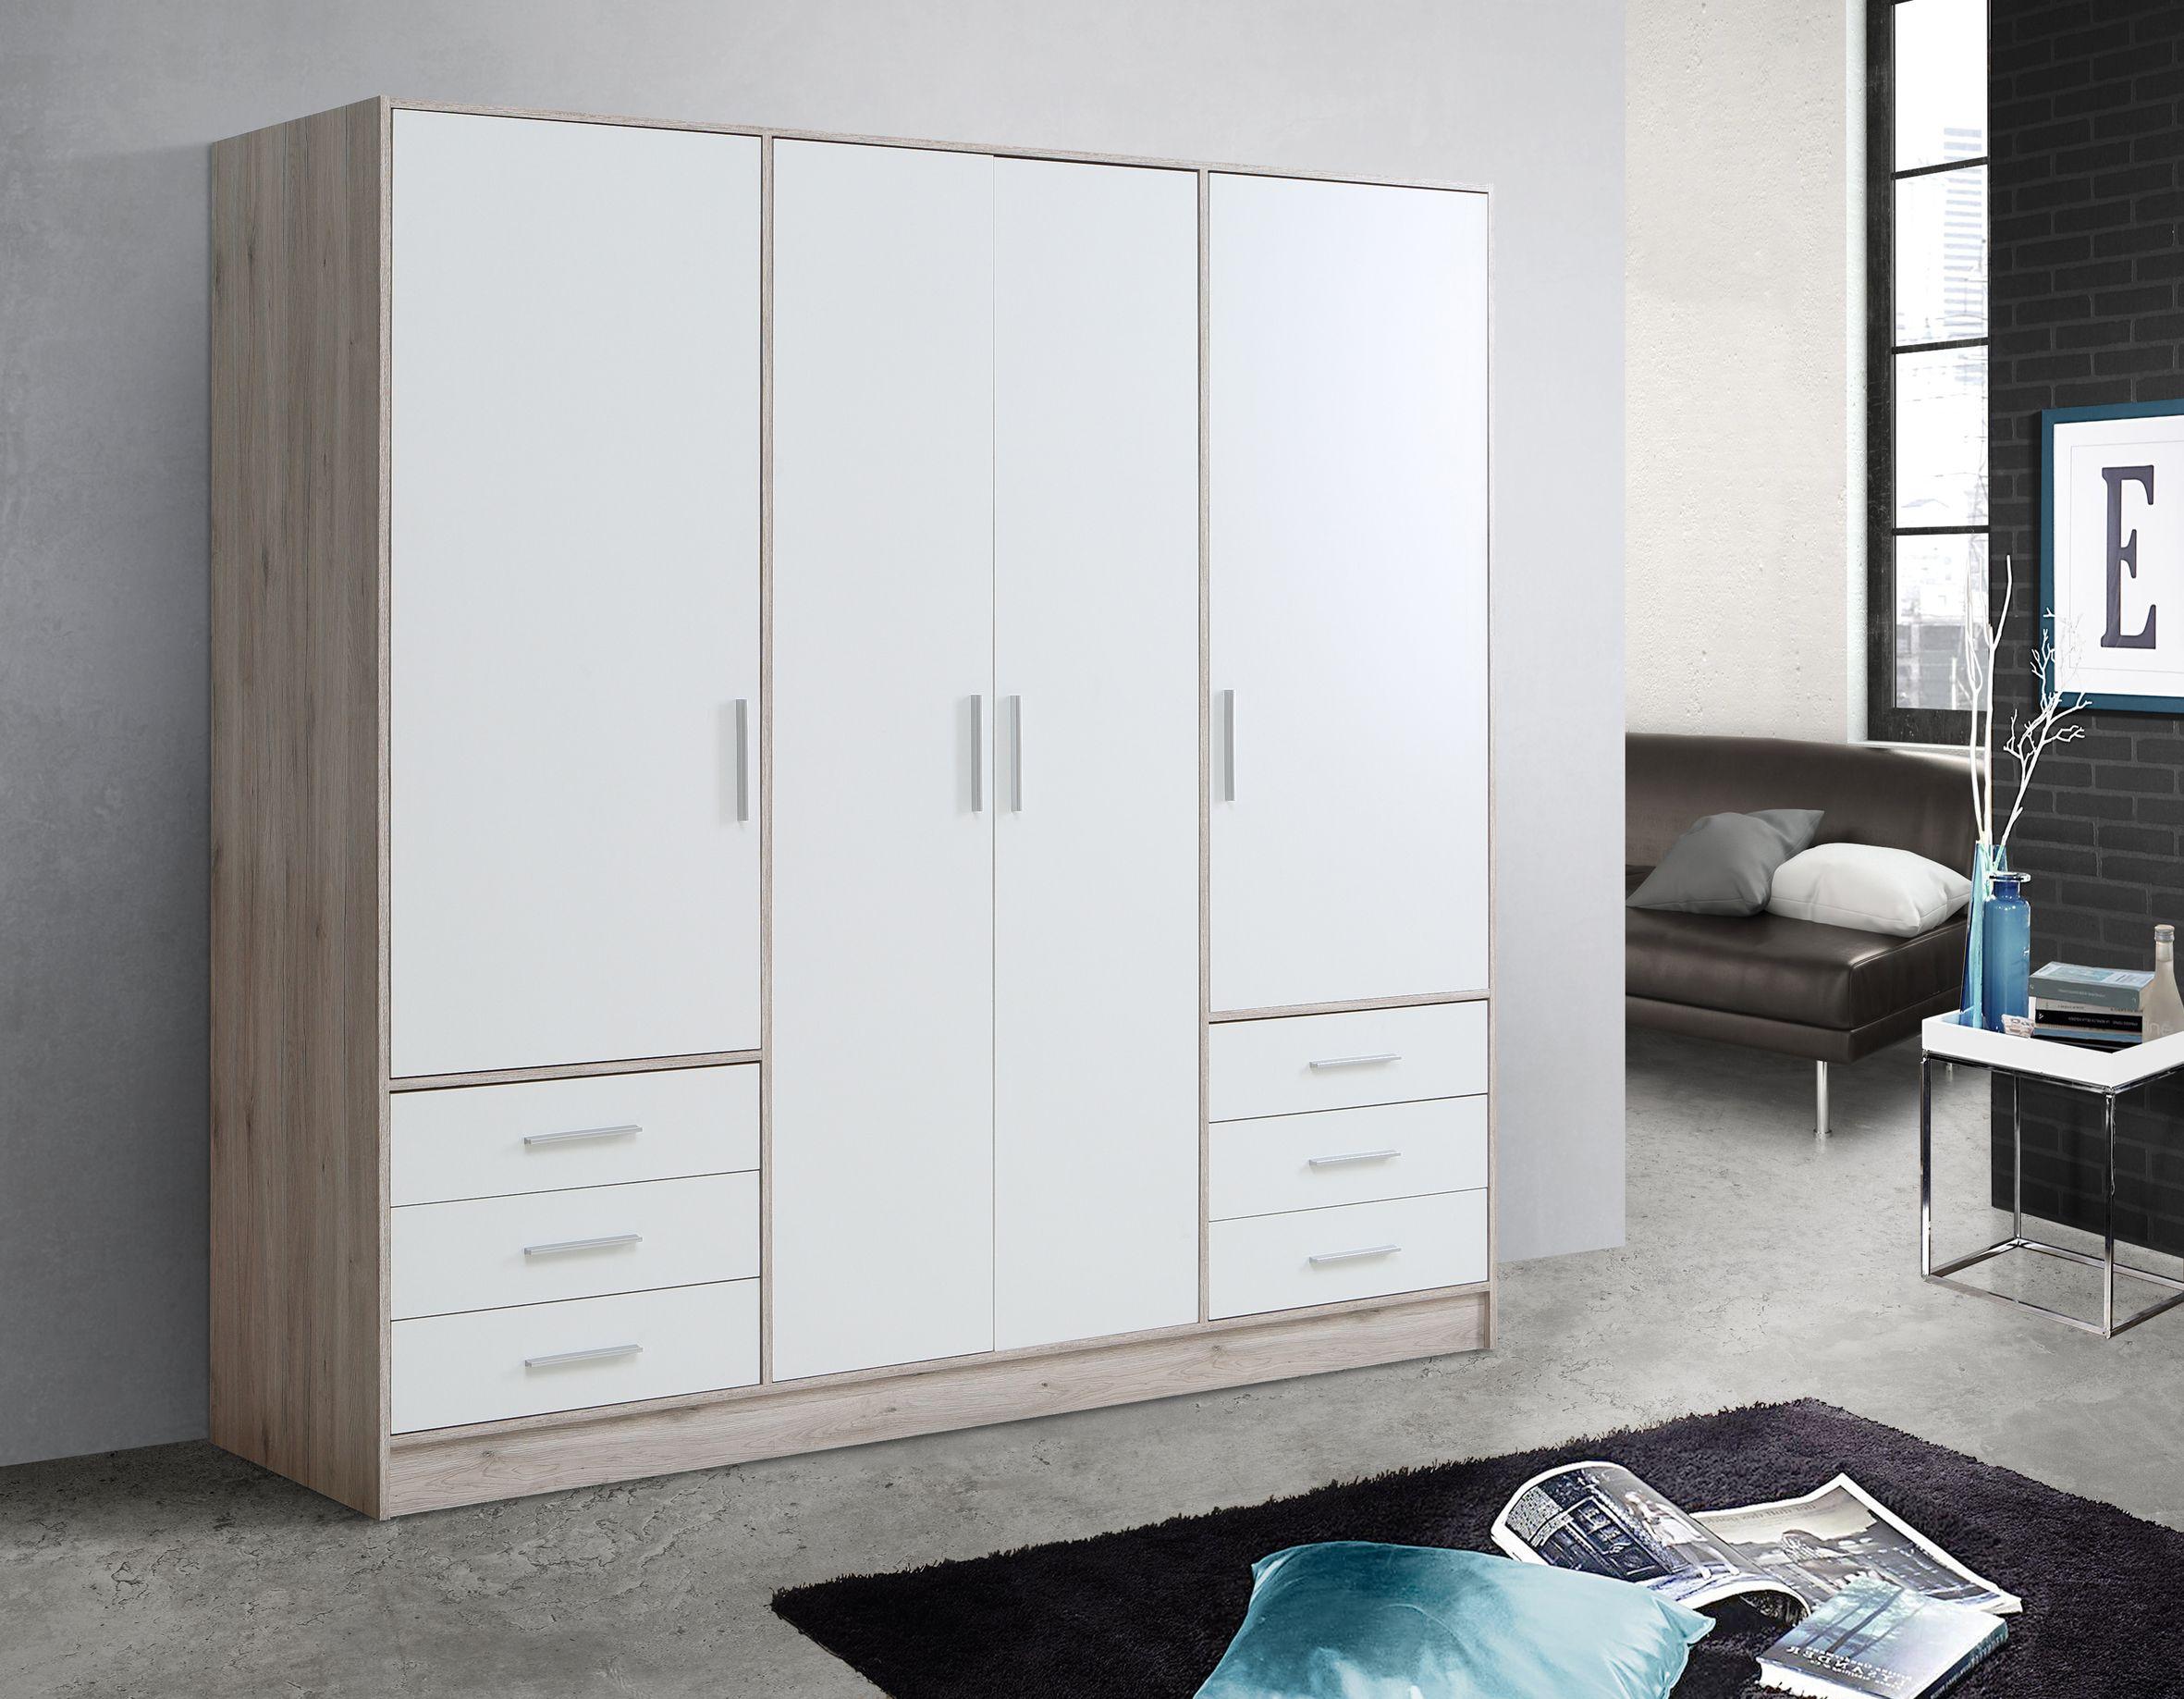 jami kleiderschrank 4 trg mit 6 schubk sten material dekorspanplatte sandeichefarbig weiss. Black Bedroom Furniture Sets. Home Design Ideas